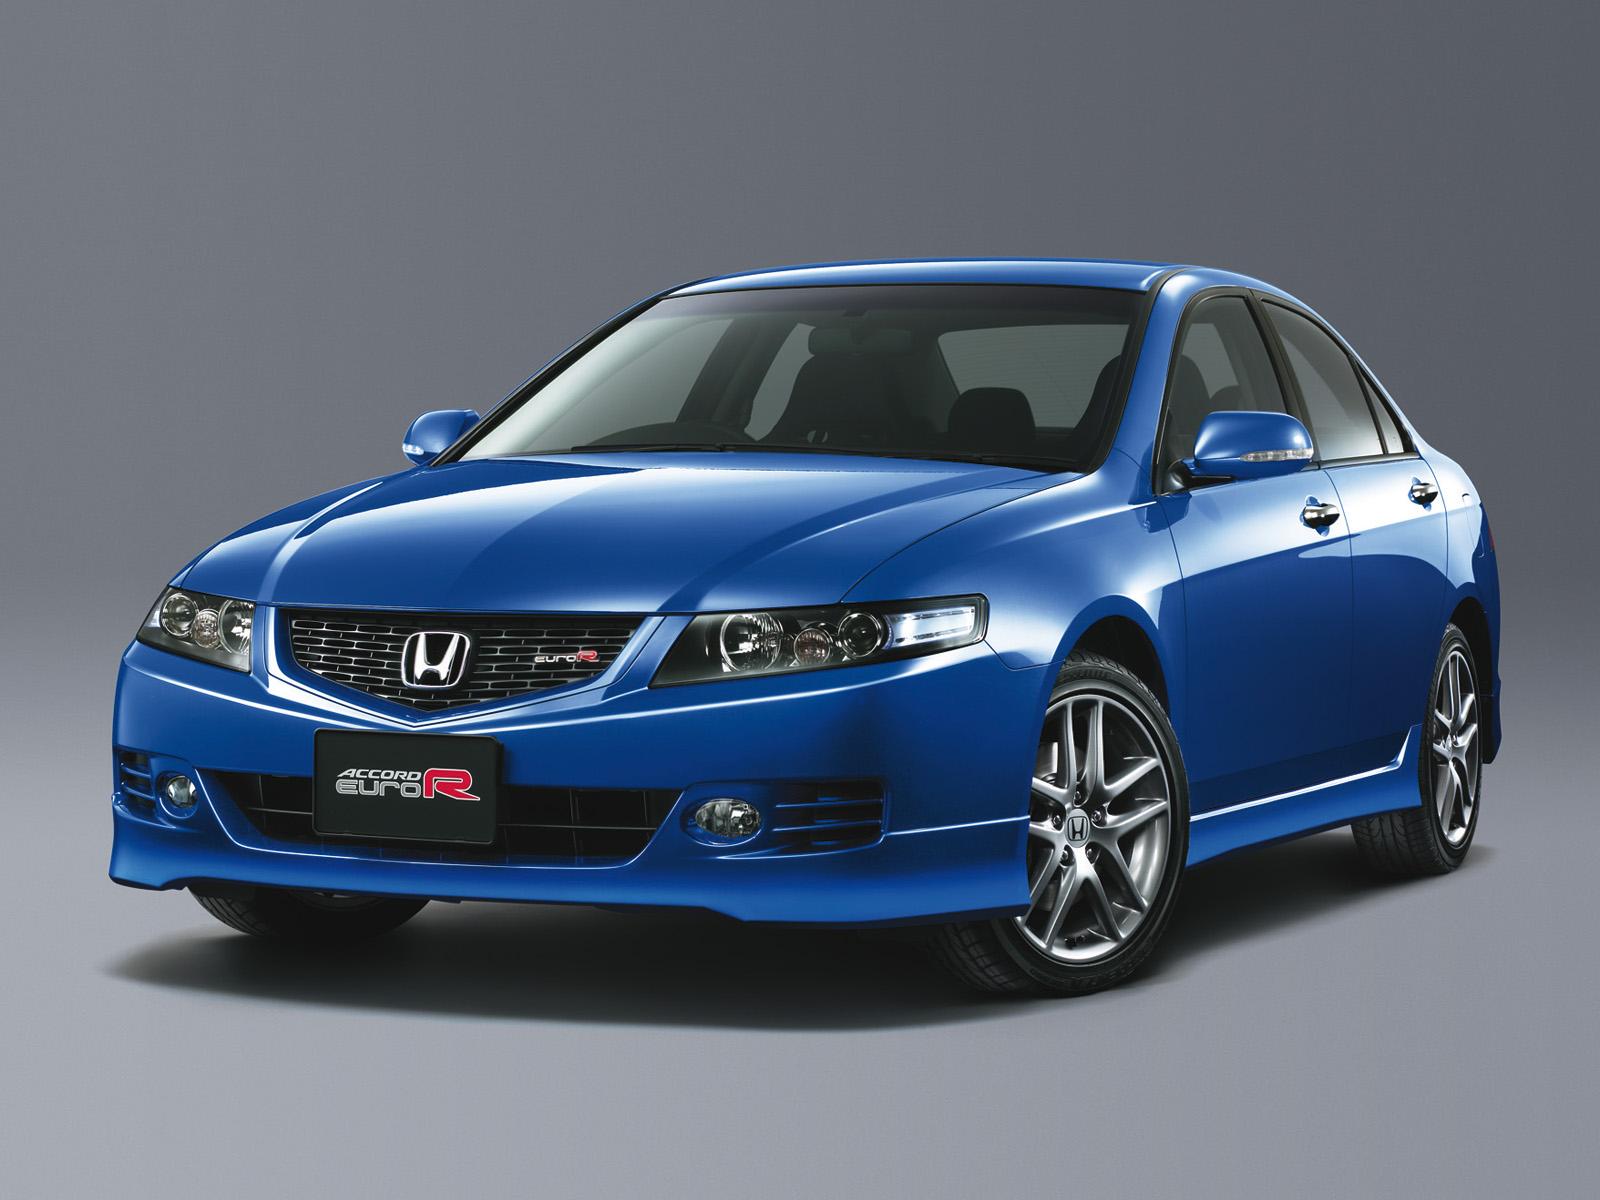 honda_accord_euro-r_sedan_13